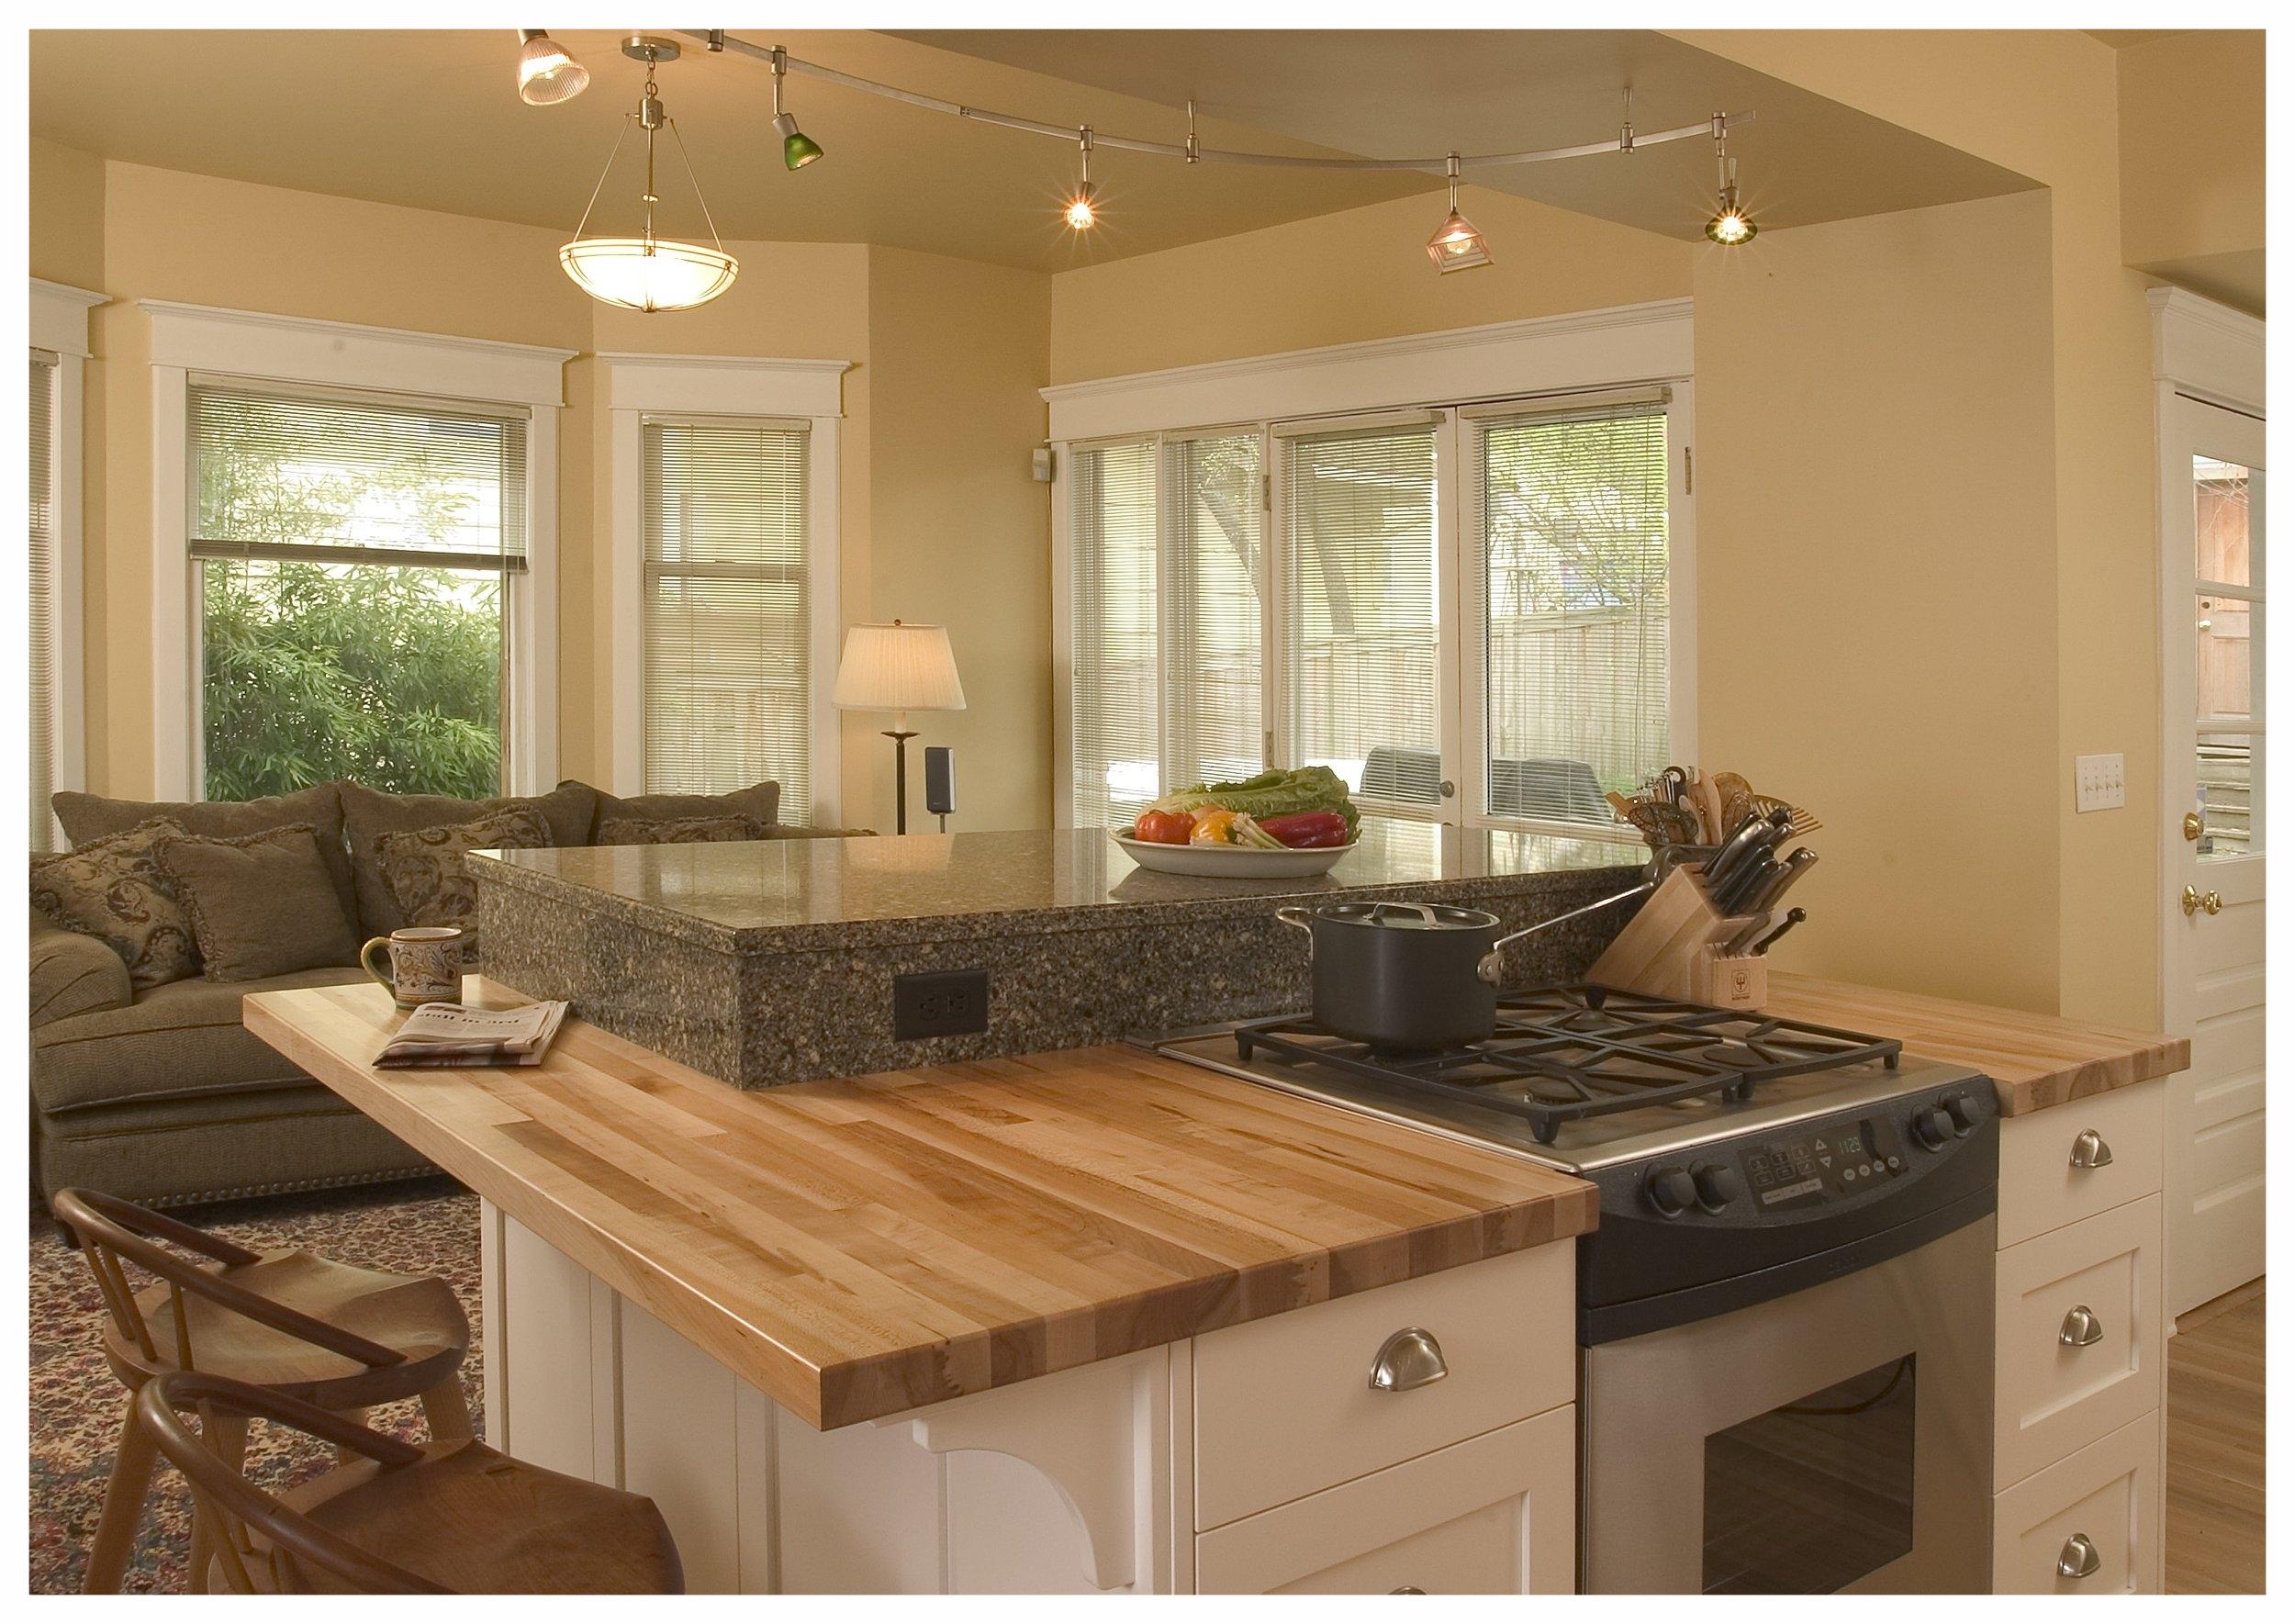 Seattle Capitol Hill Craftsman Kitchen 5.jpg